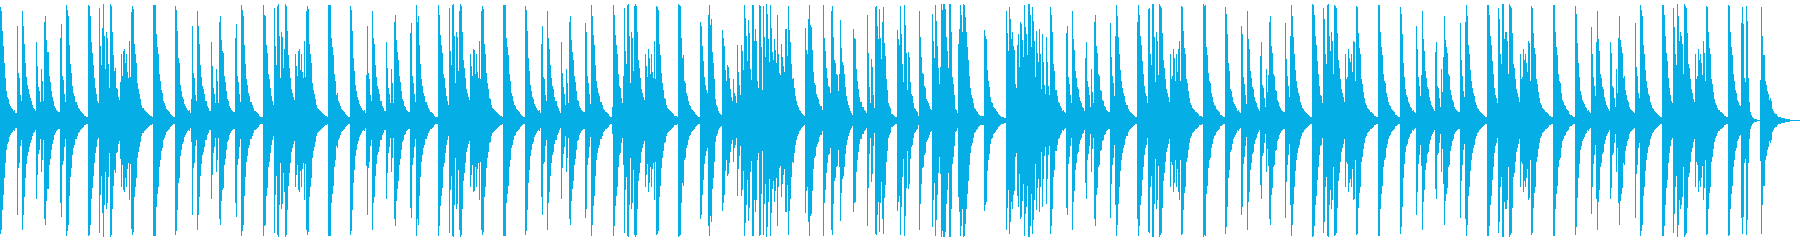 (ドラム、ベース抜き)ピアノ旋律の再生済みの波形